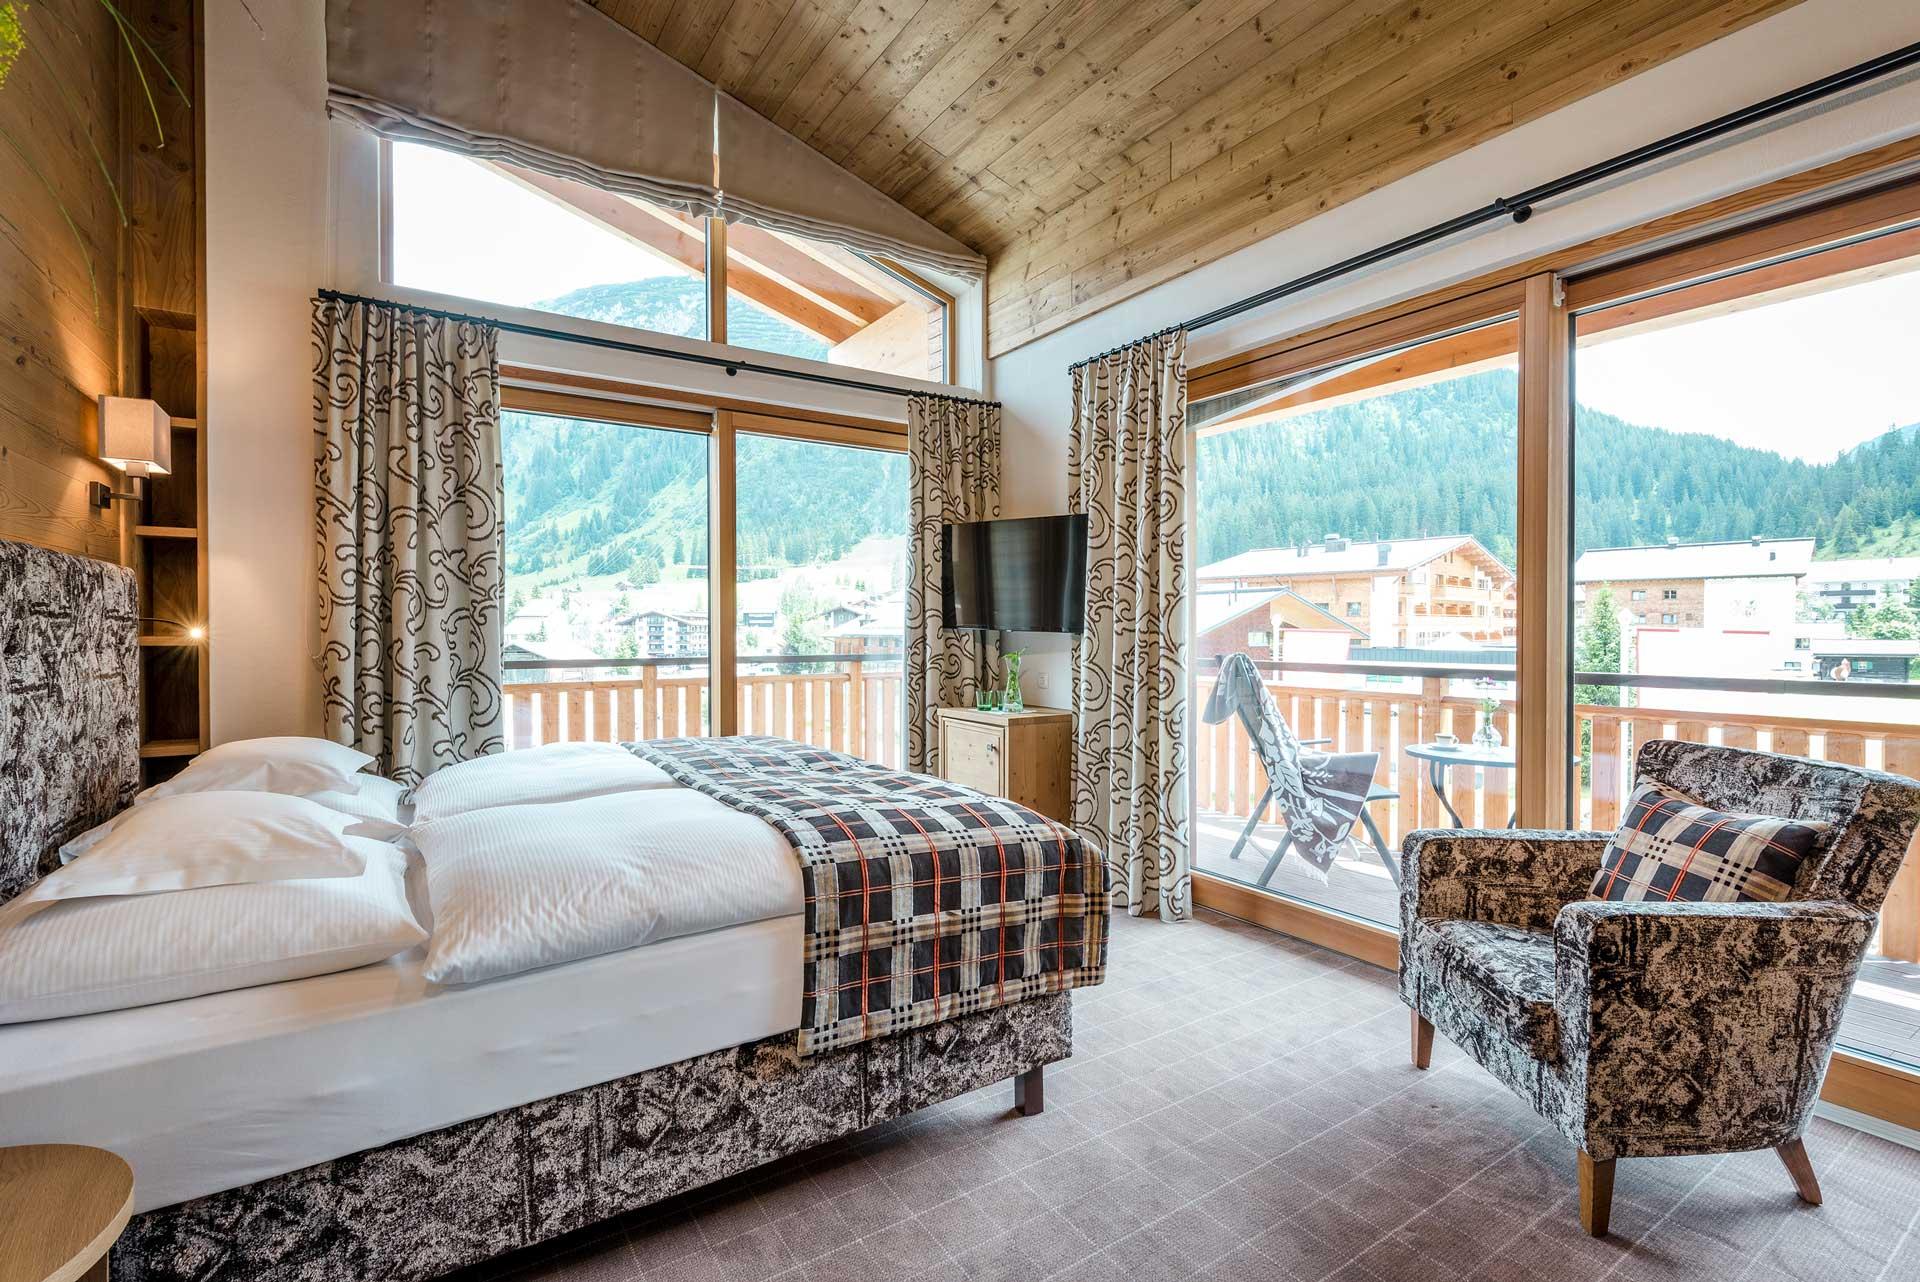 Zimmer & Suiten | Online Buchung | 4-Sterne Hotel Auenhof